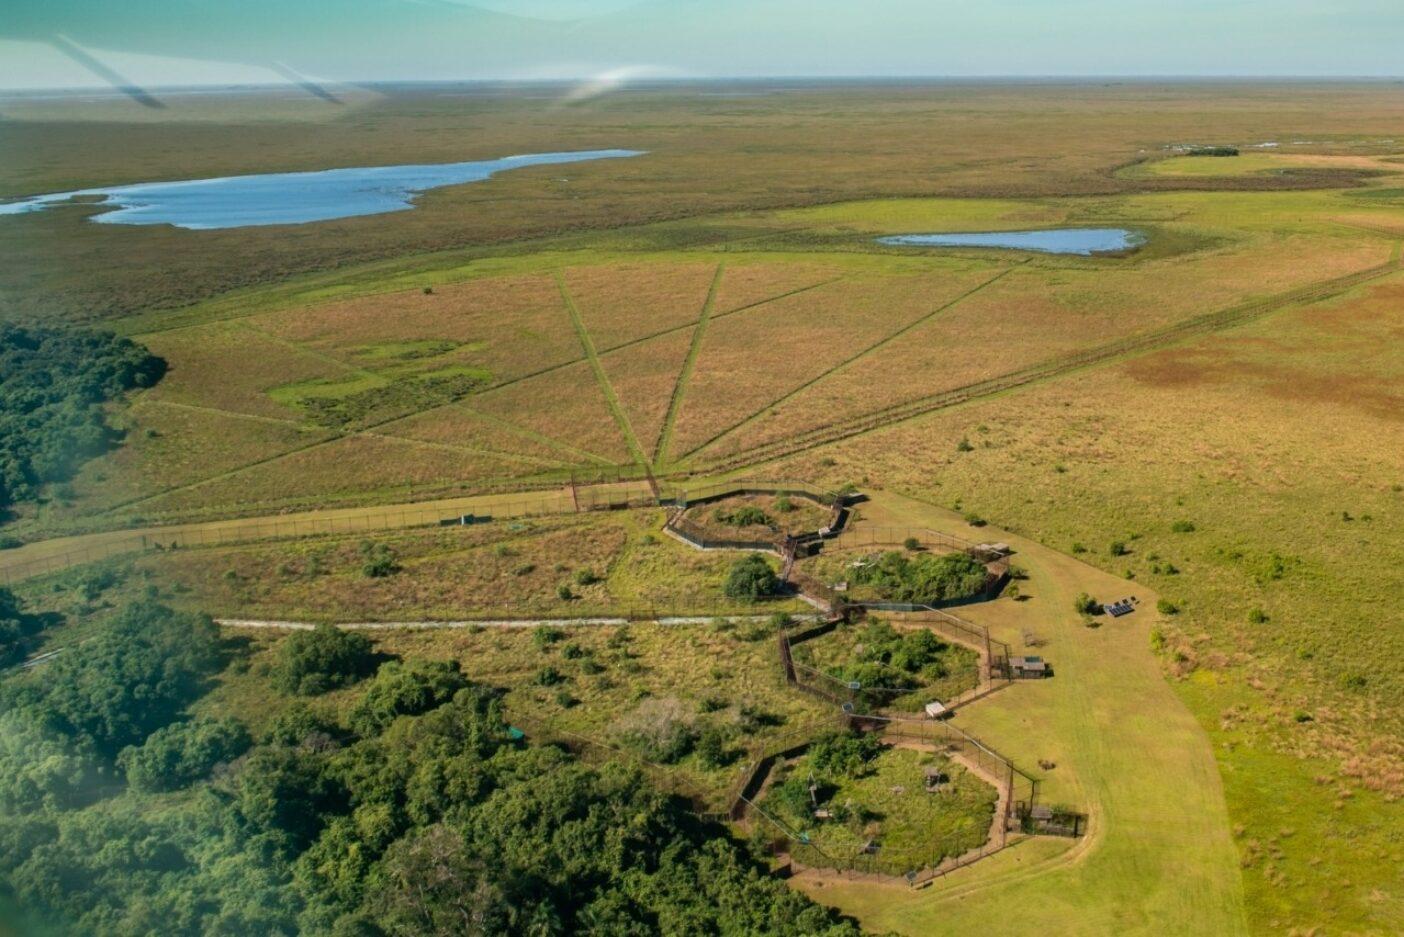 #Denlife:イベラ国立公園の中心の島のジャガー・リイントロダクション・センターにあるこれら4つの6角形の囲いには、ジャガーが収容されている。このジャガーは70年後はじめてイベラの湿地帯を自由に徘徊する新世代の雄親となることが期待されている。